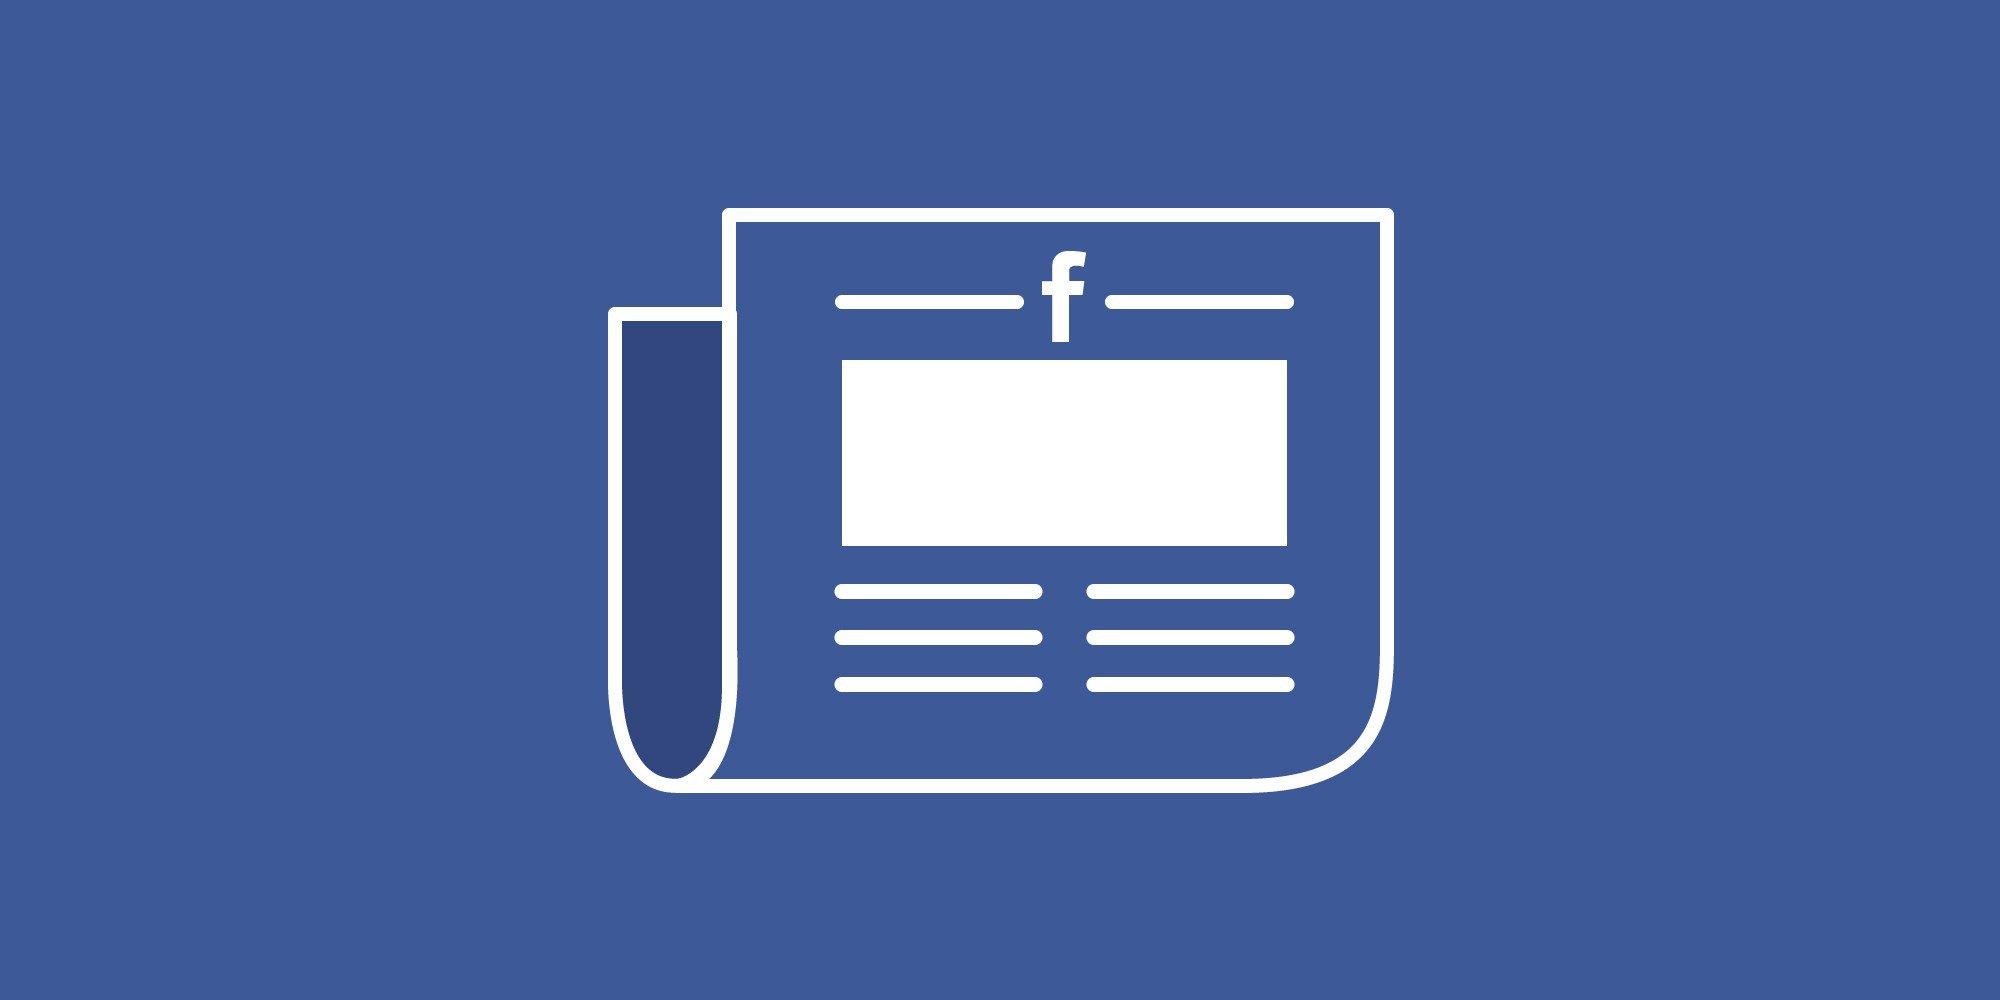 Ten Facebook Marketing Tips in 2021